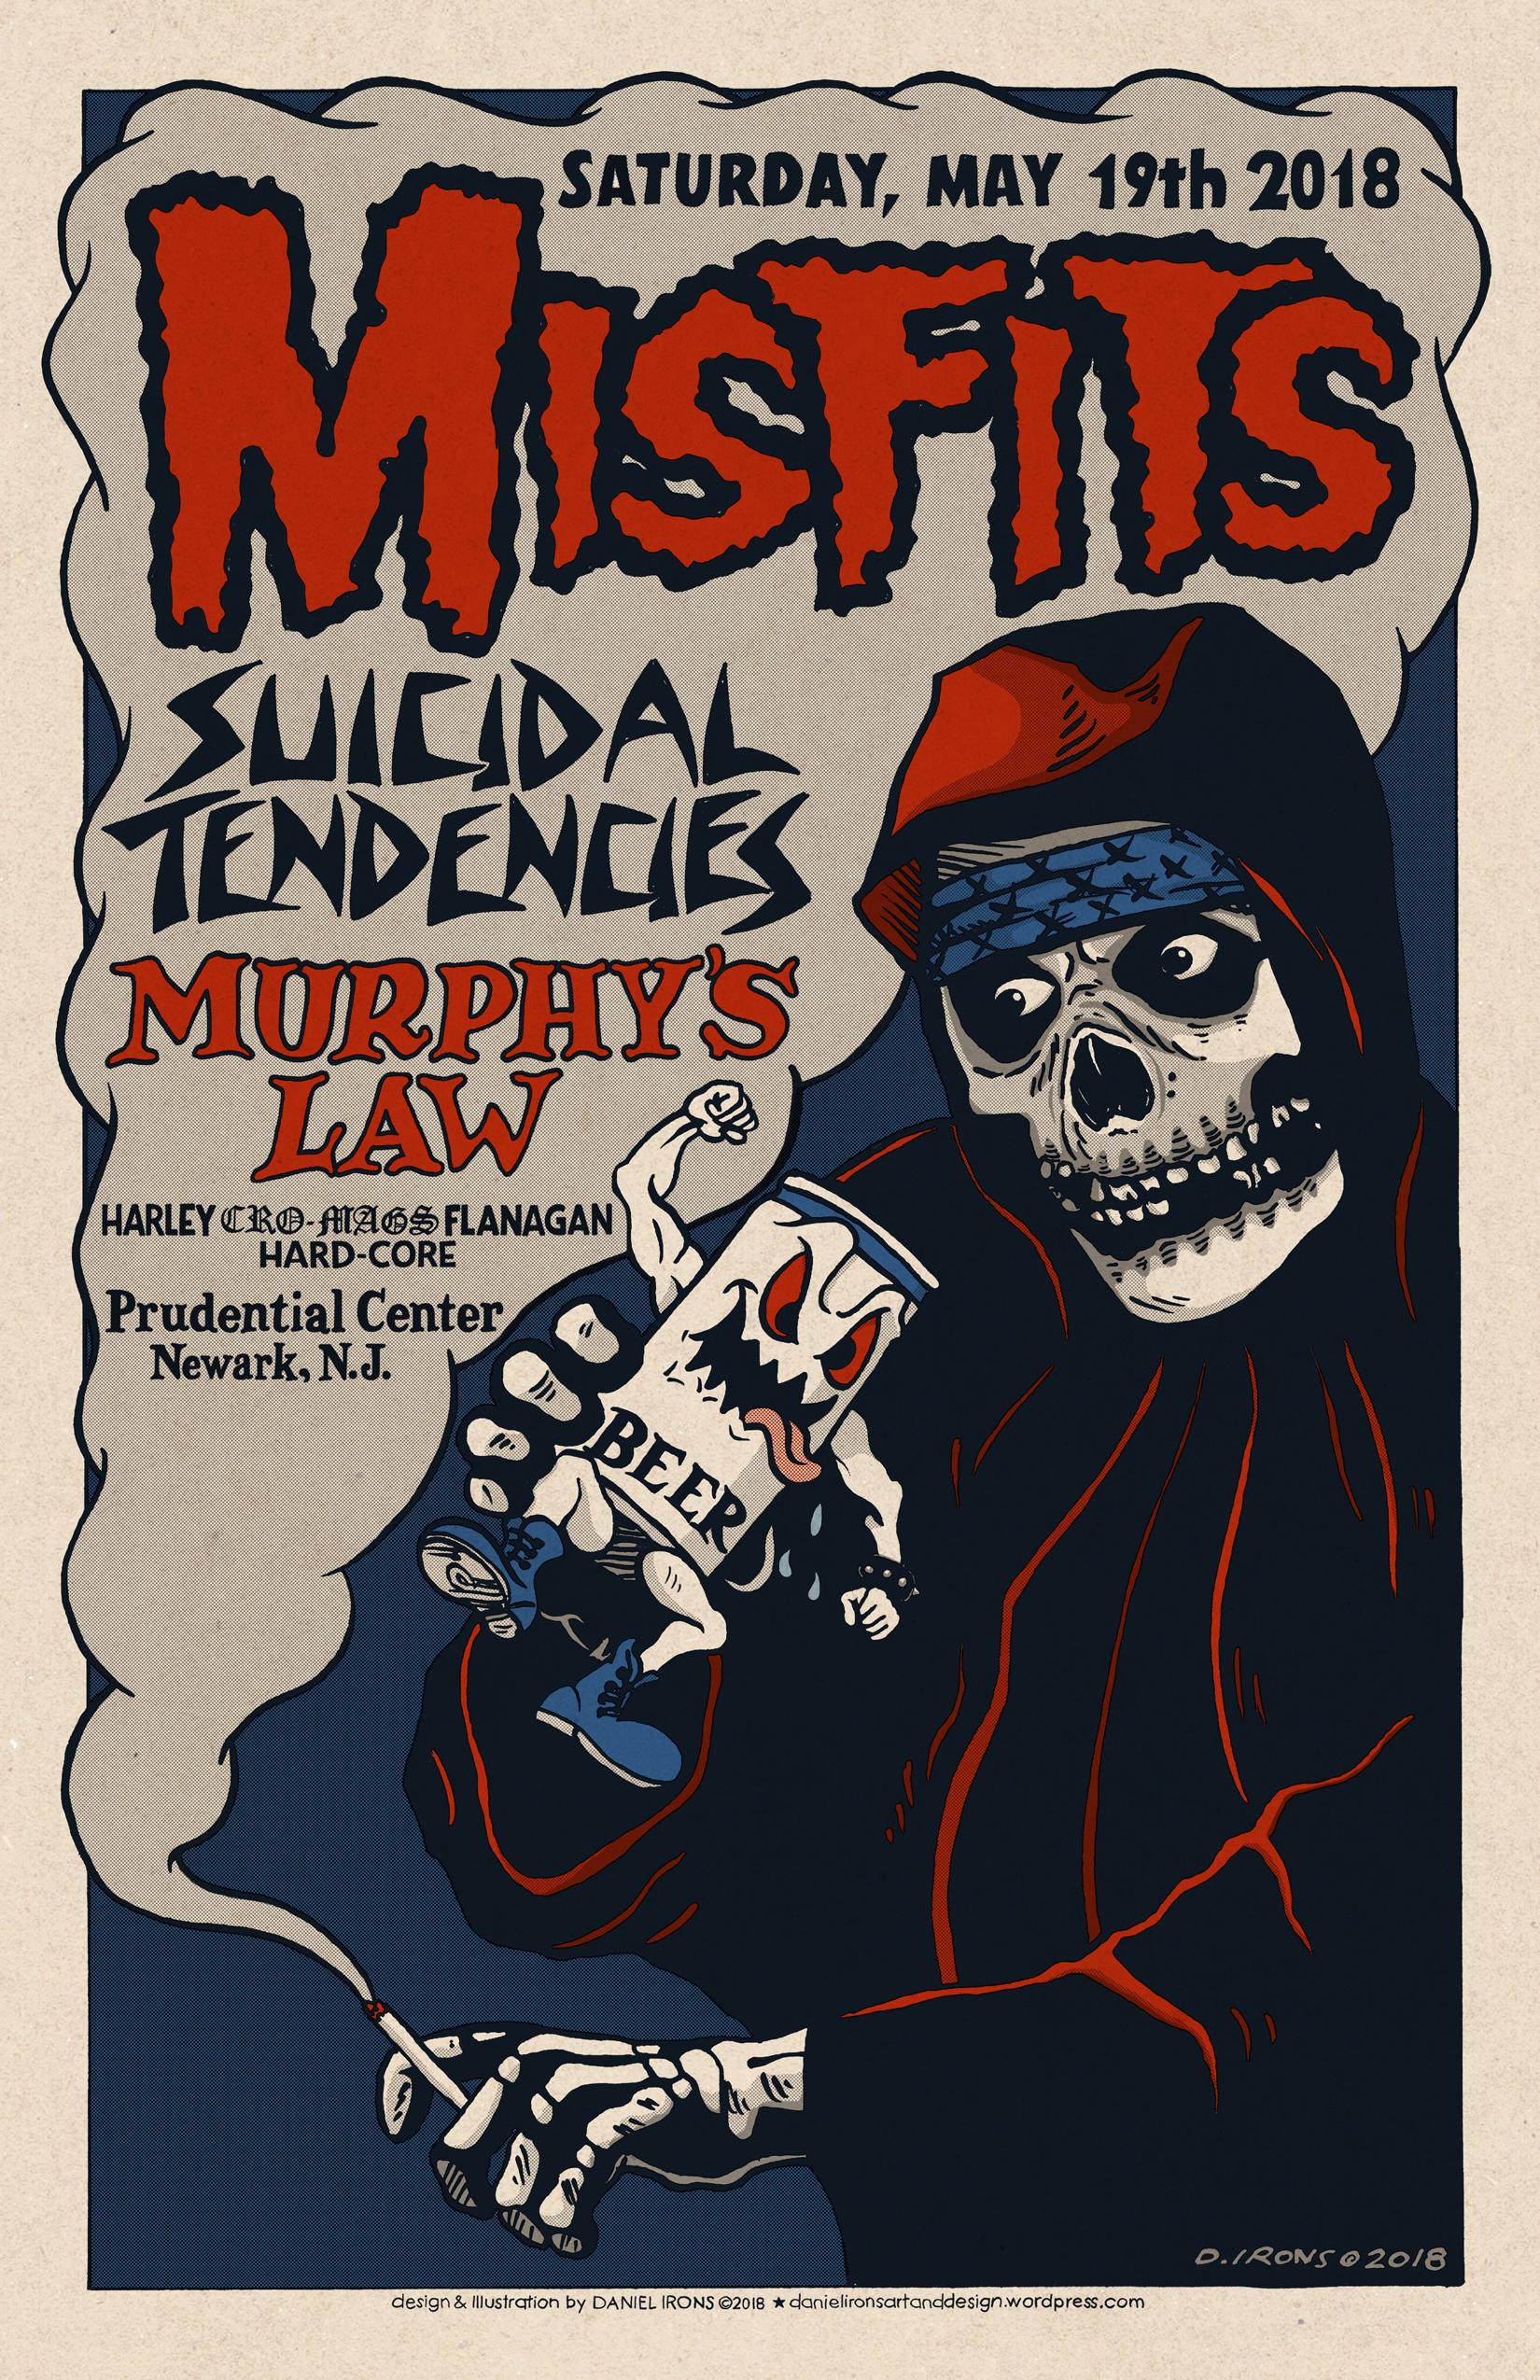 MISFITS / SUICIDAL TENDENCIES / MURPHY'S LAW / HARLEY (CRO